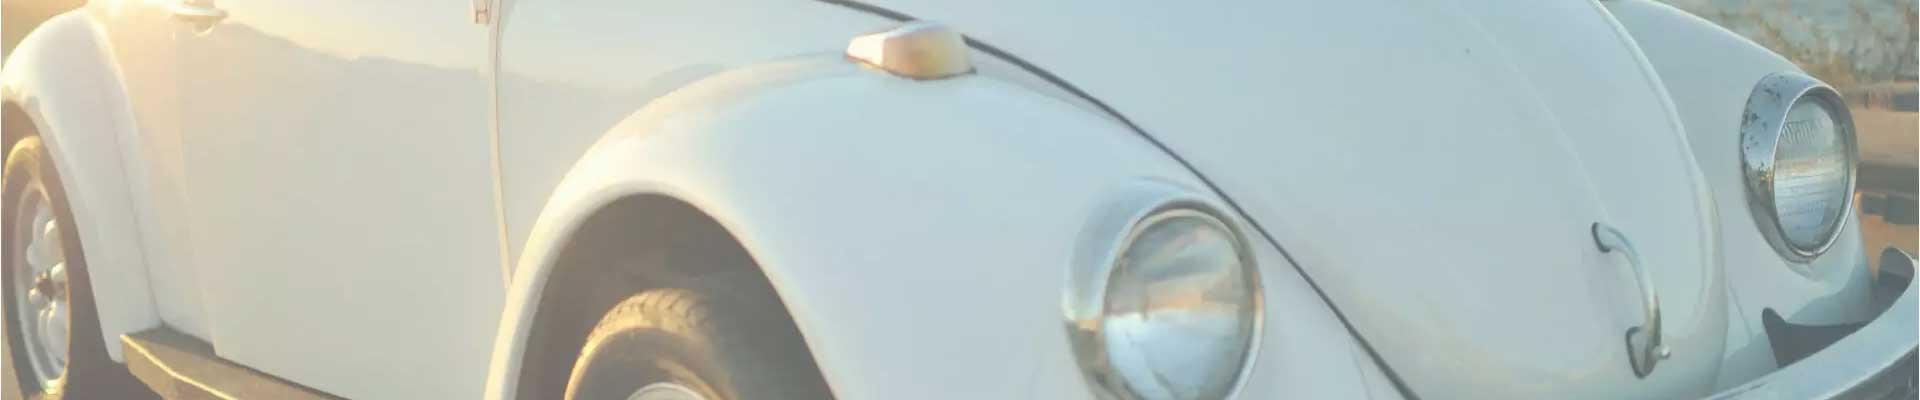 vw-beetle-insurance